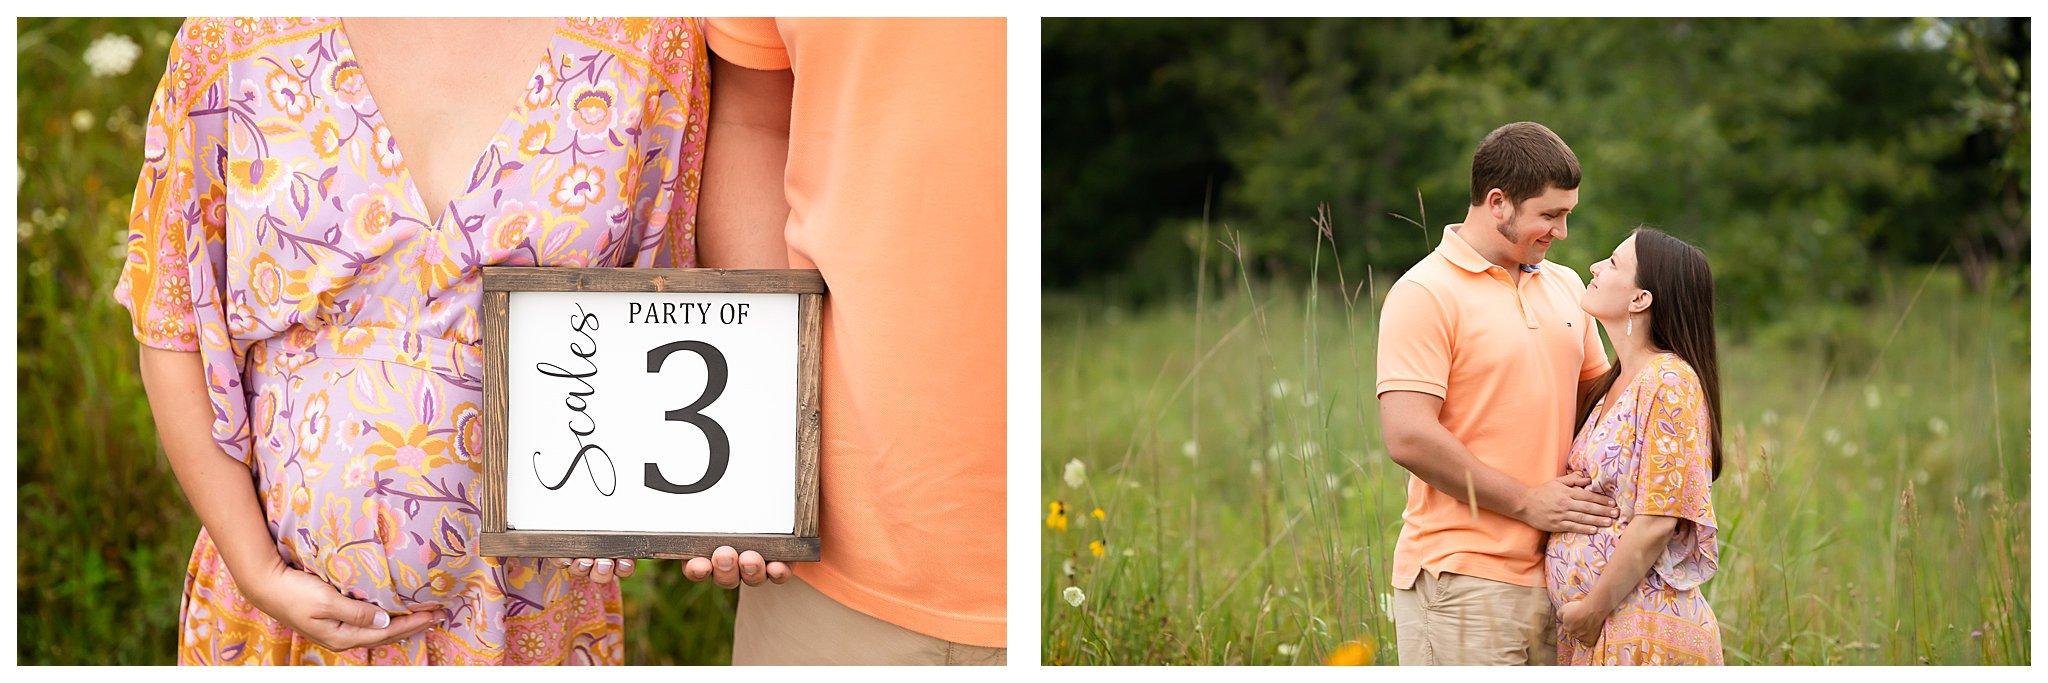 Ann Arbor Family Photographer   Pregnancy Announcement Photos